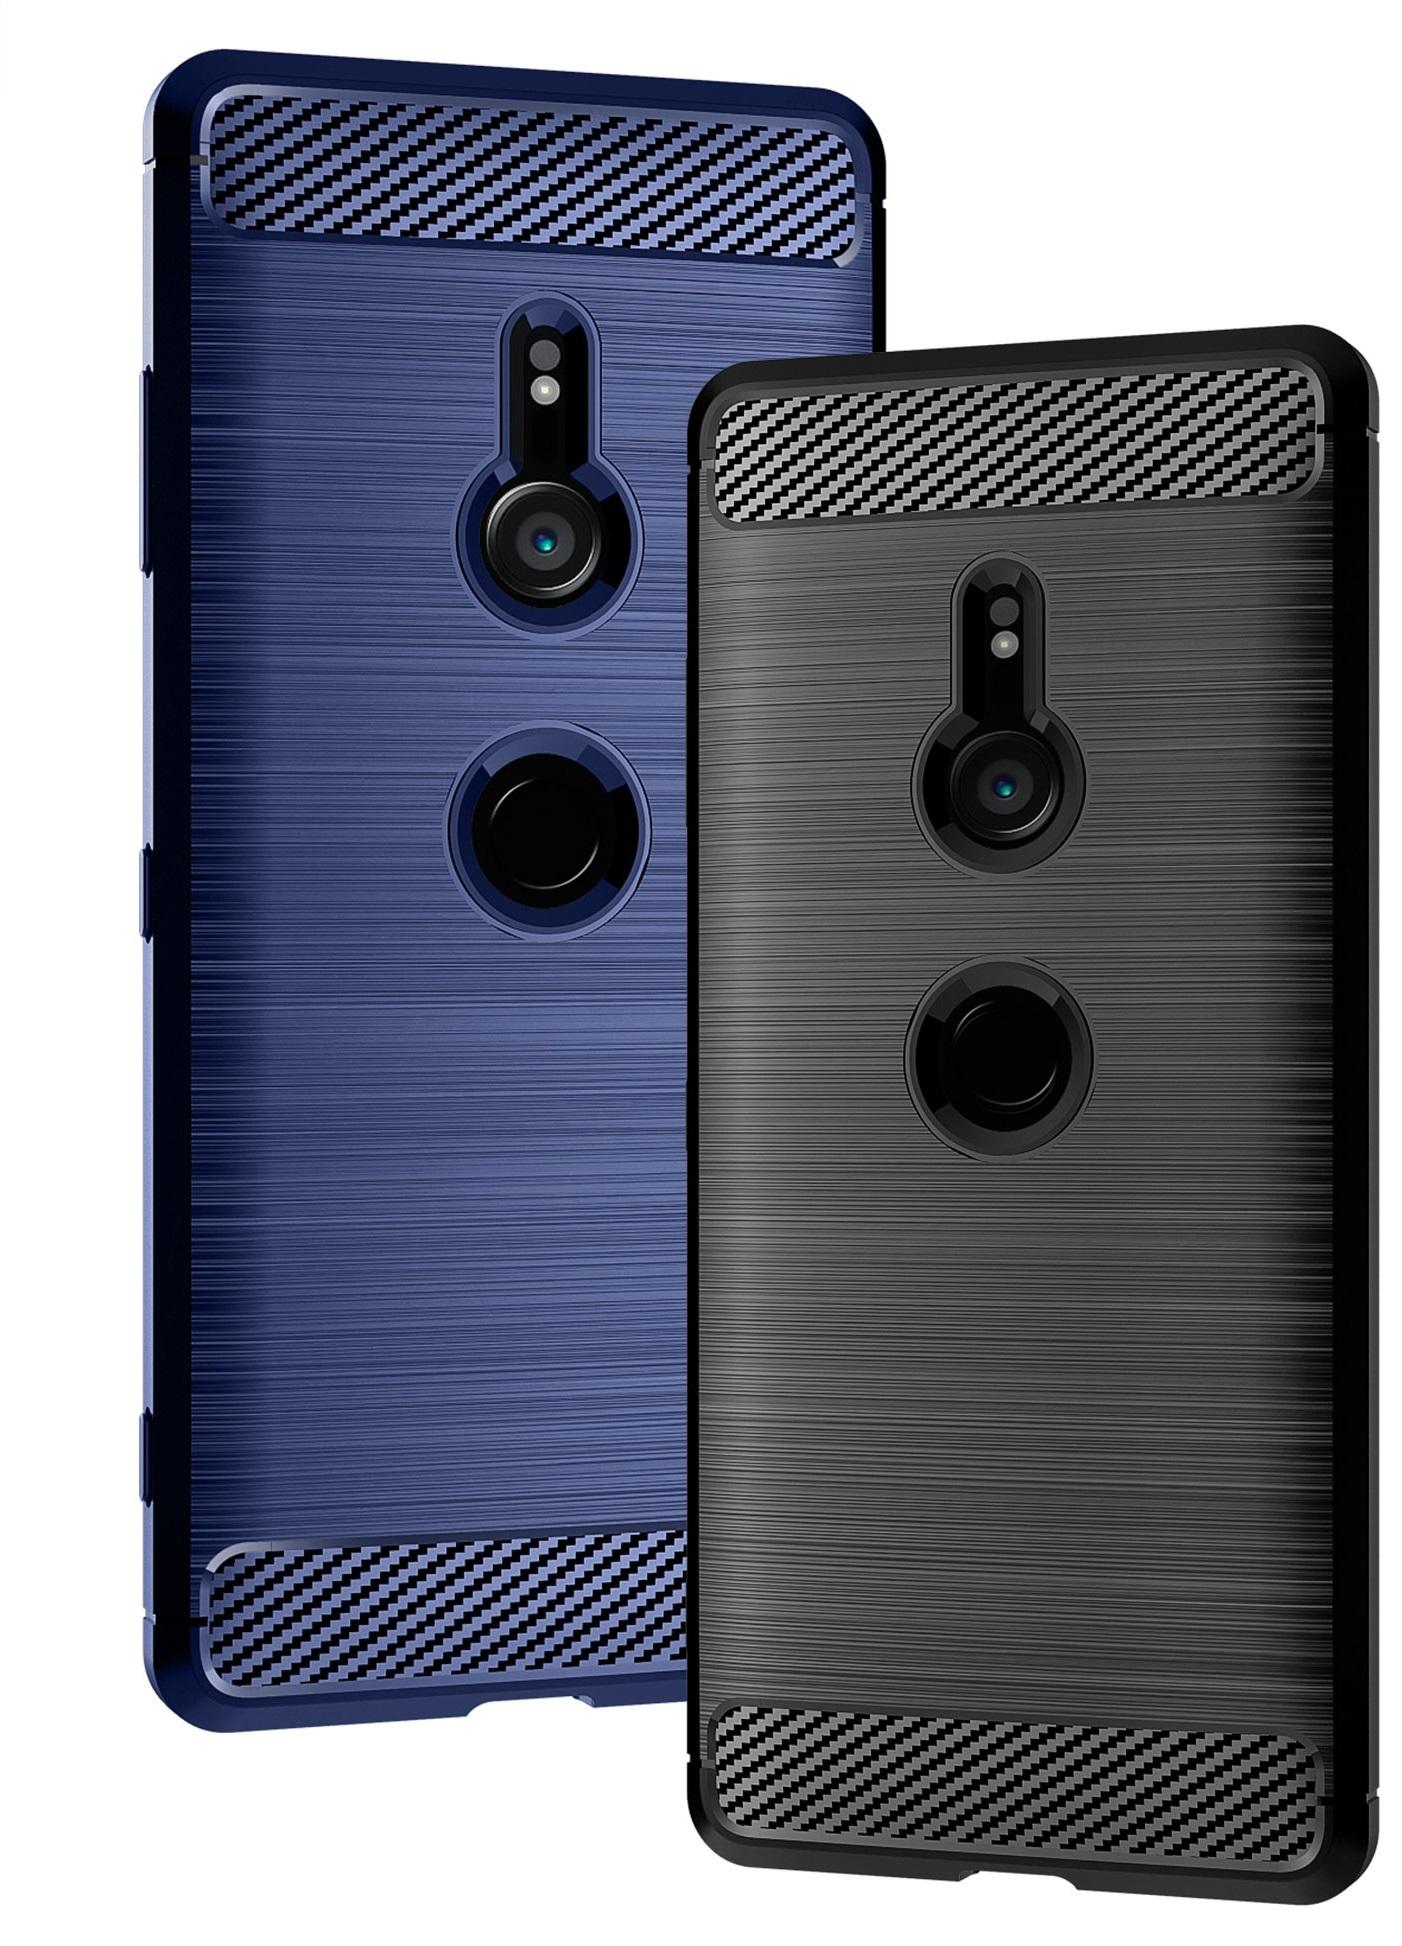 Чехол на Sony Xperia XZ3 цвет Blue (синий), серия Carbon от Caseport